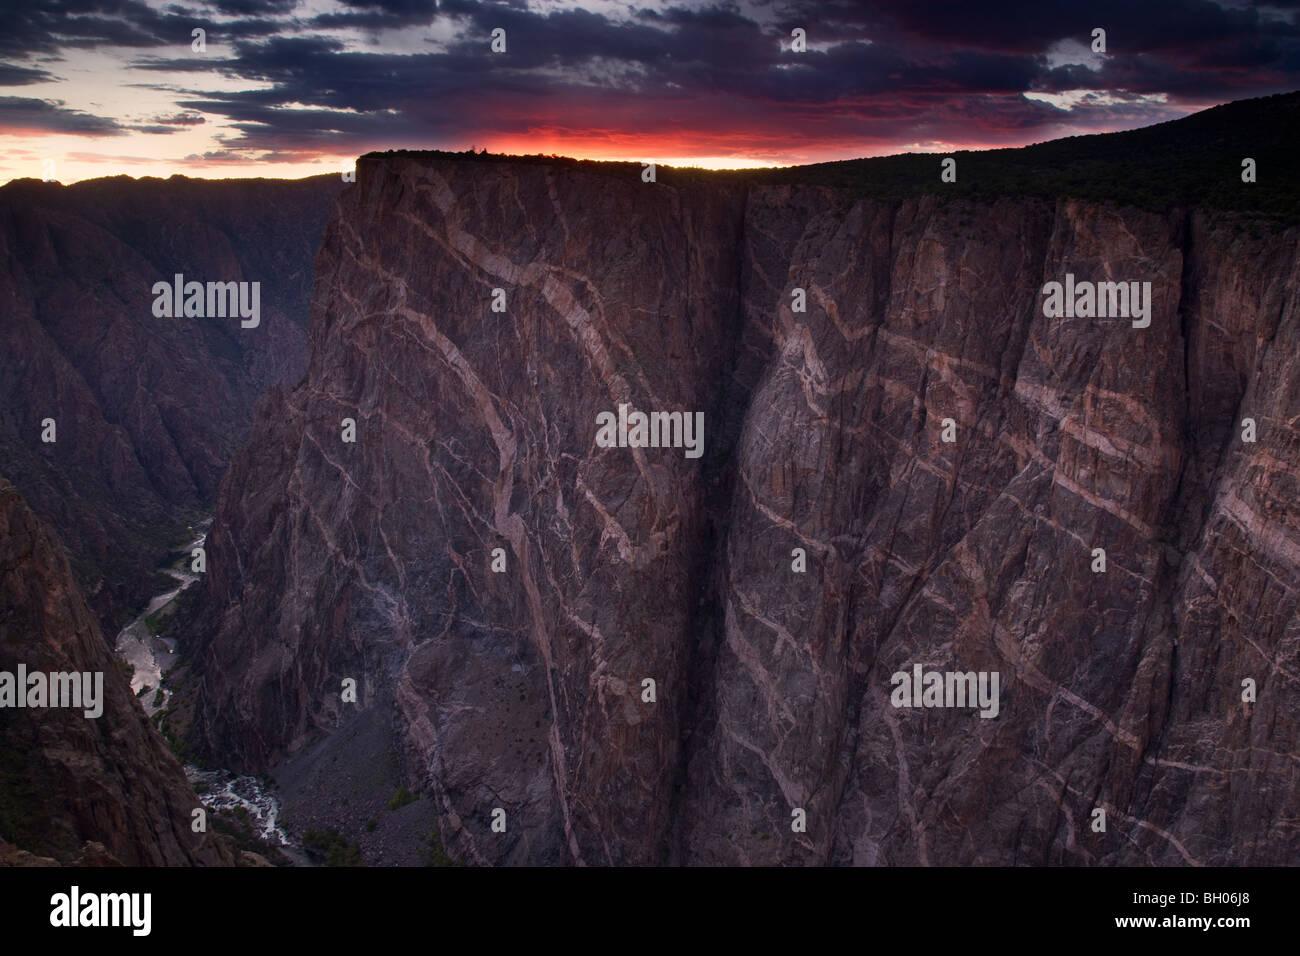 La pintura en la pared, Black Canyon del Parque Nacional Gunnison, Colorado. Imagen De Stock